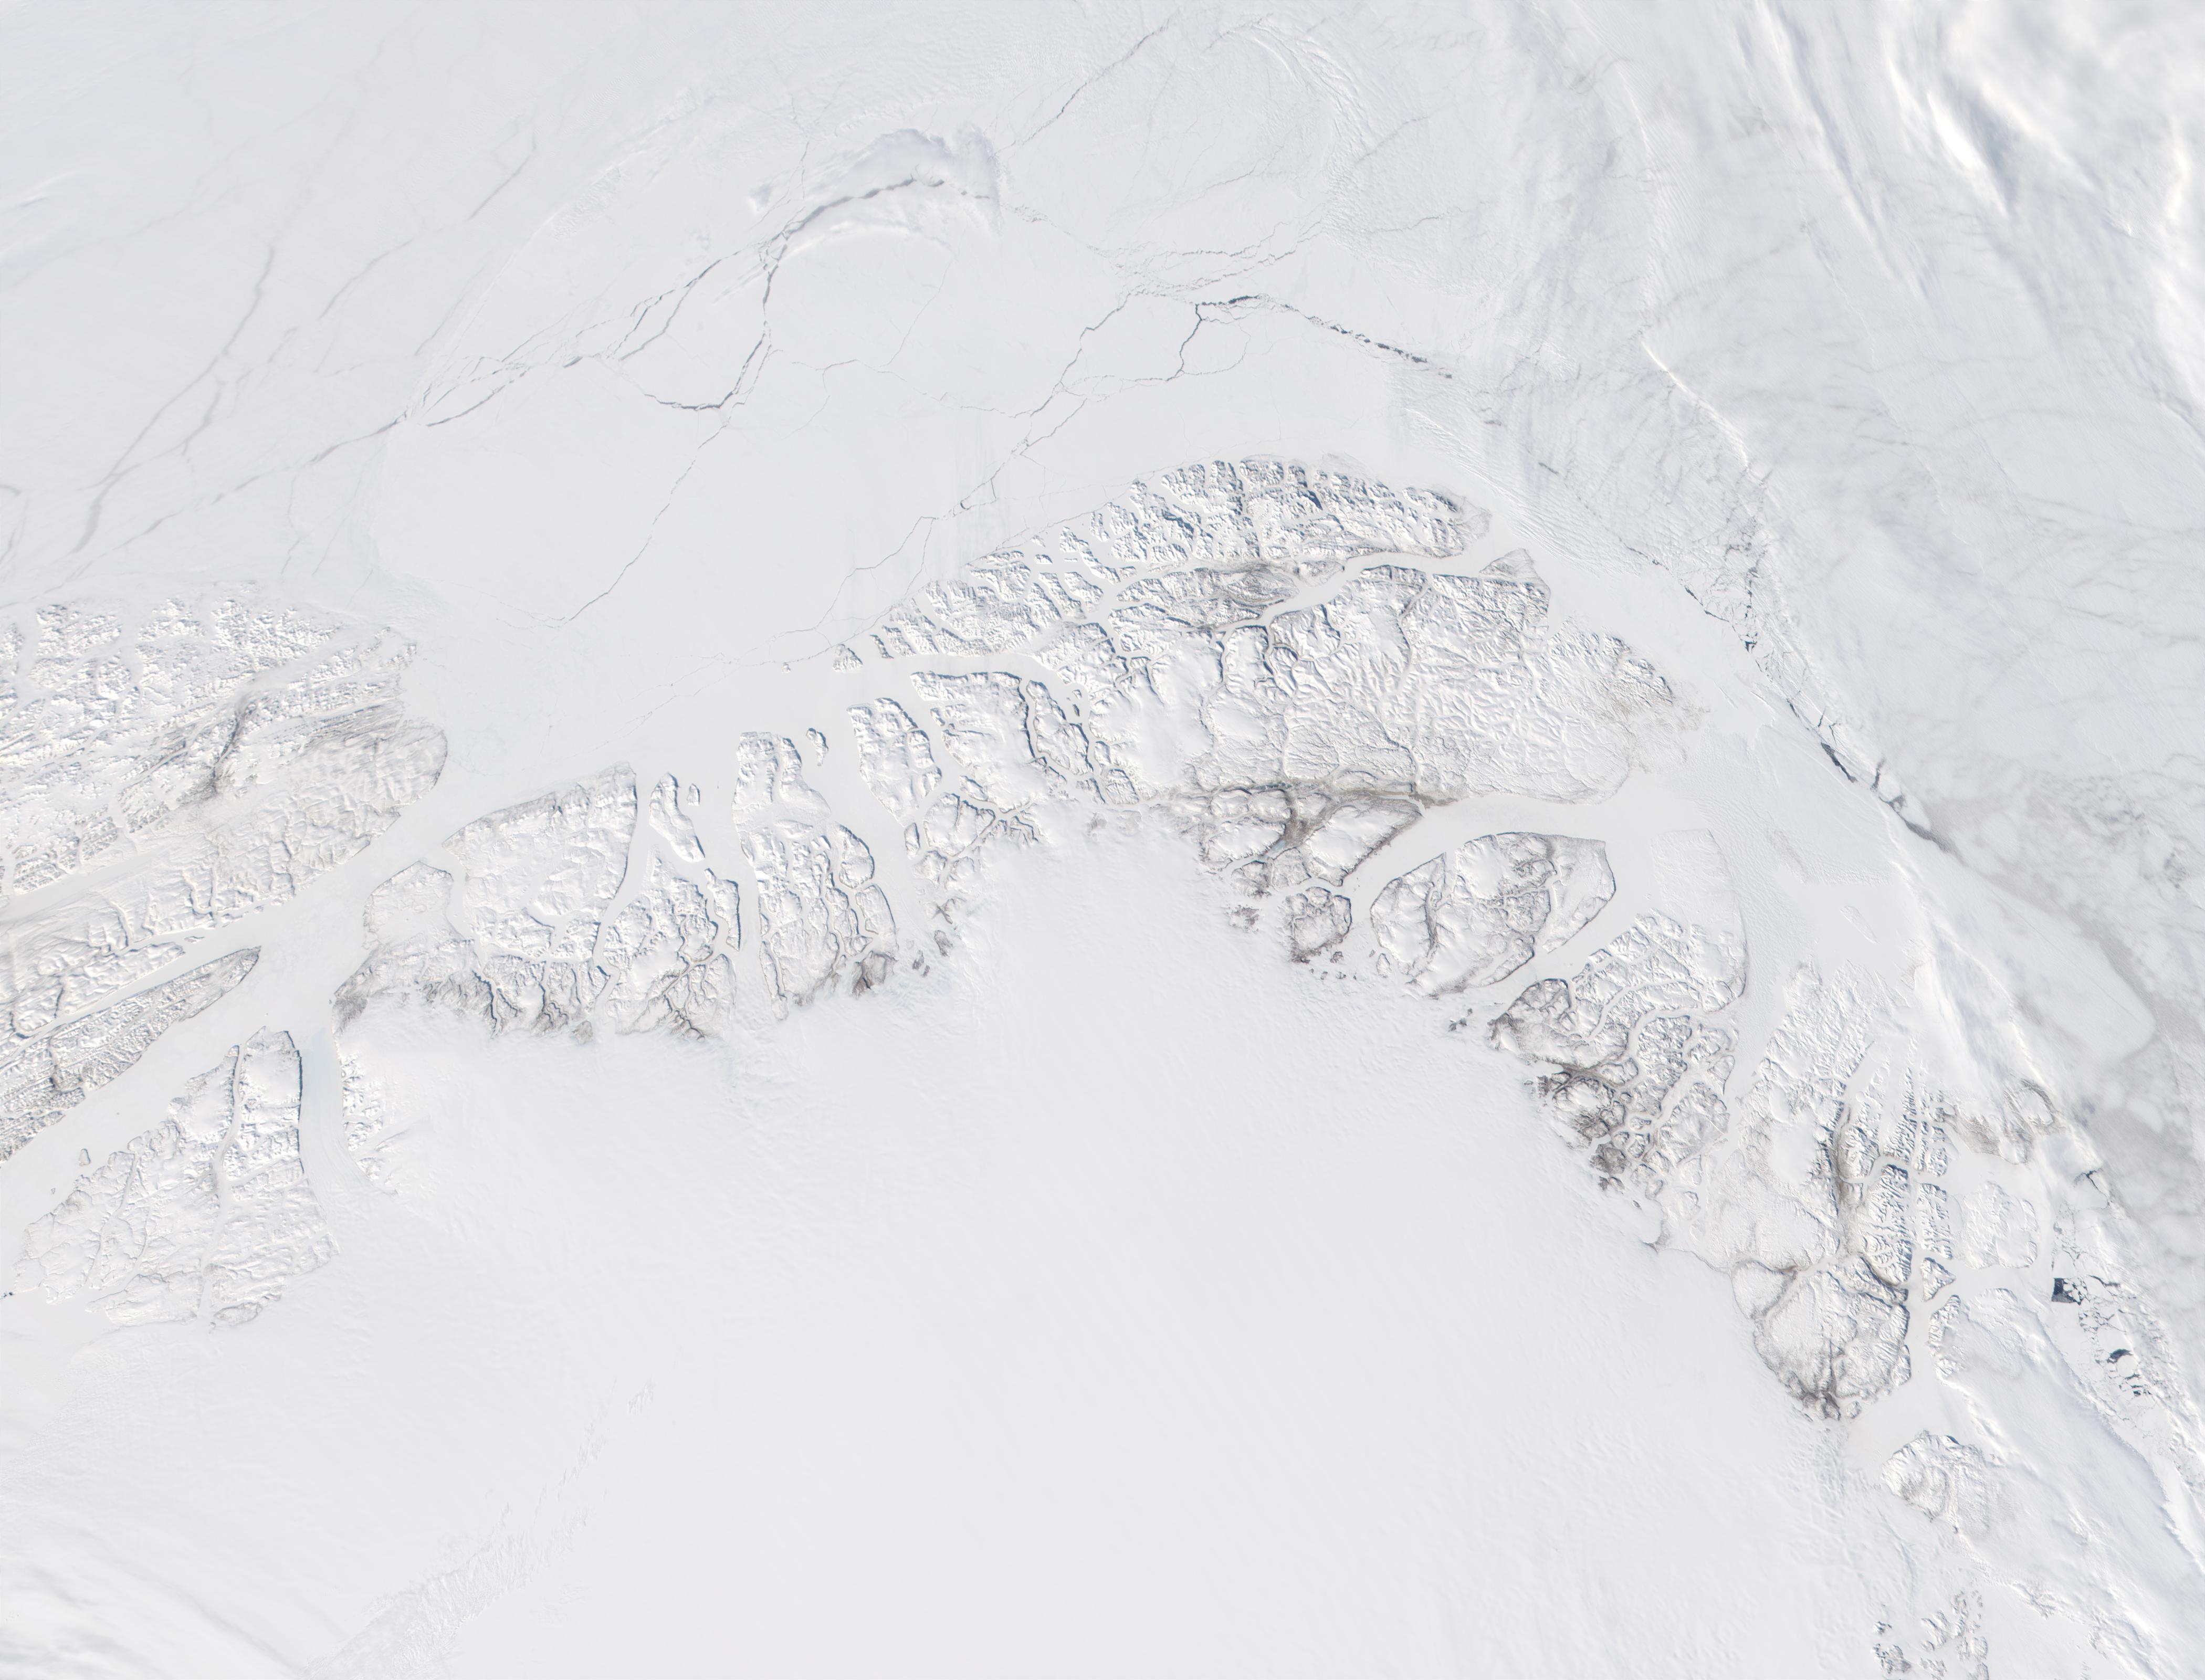 Costa norte de Groenlandia